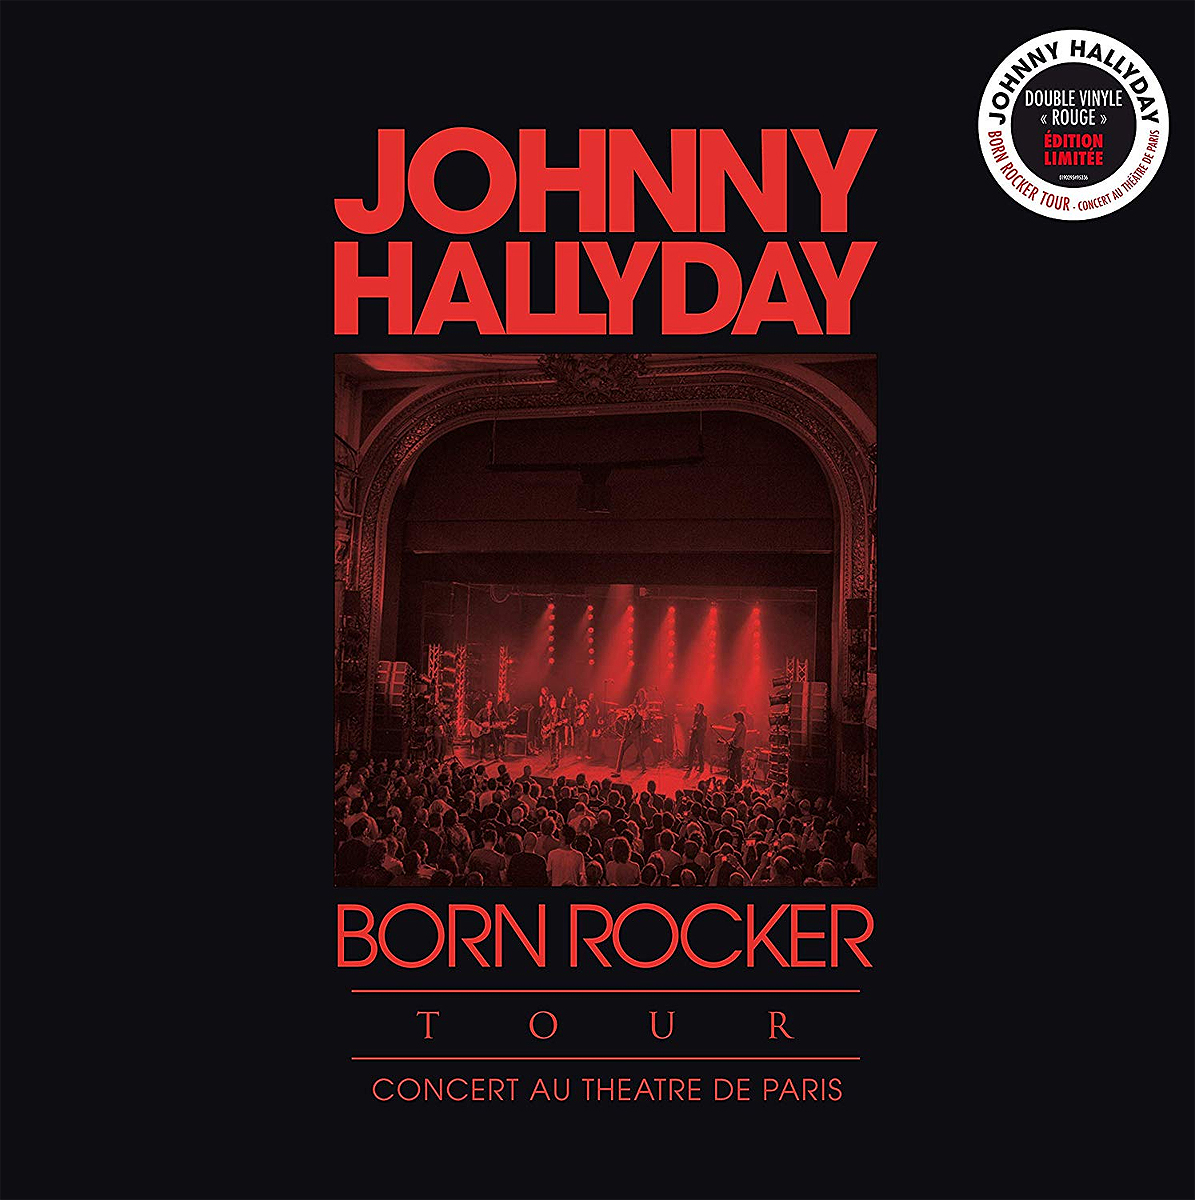 Джонни Холлидей Johnny Hallyday. Born Rocker Tour - Concert Au Theatre De Paris (2 LP) джонни холлидей johnny hallyday born rocker tour concert au theatre de paris 2 lp